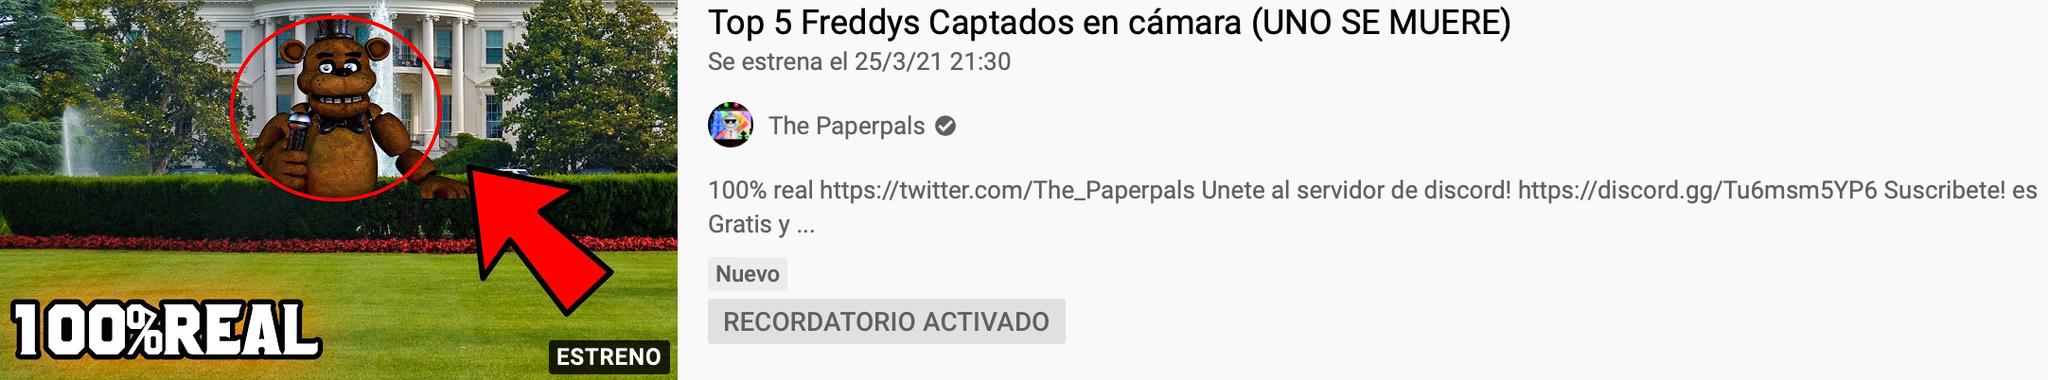 DEL CRADOR DEL PORQUE LOS ANIMATRONICOS TIENEN DIENTES SI NO COMEN? LLEGS TOP 5 FREDDYS CAPTADOS EN CAMARA - meme